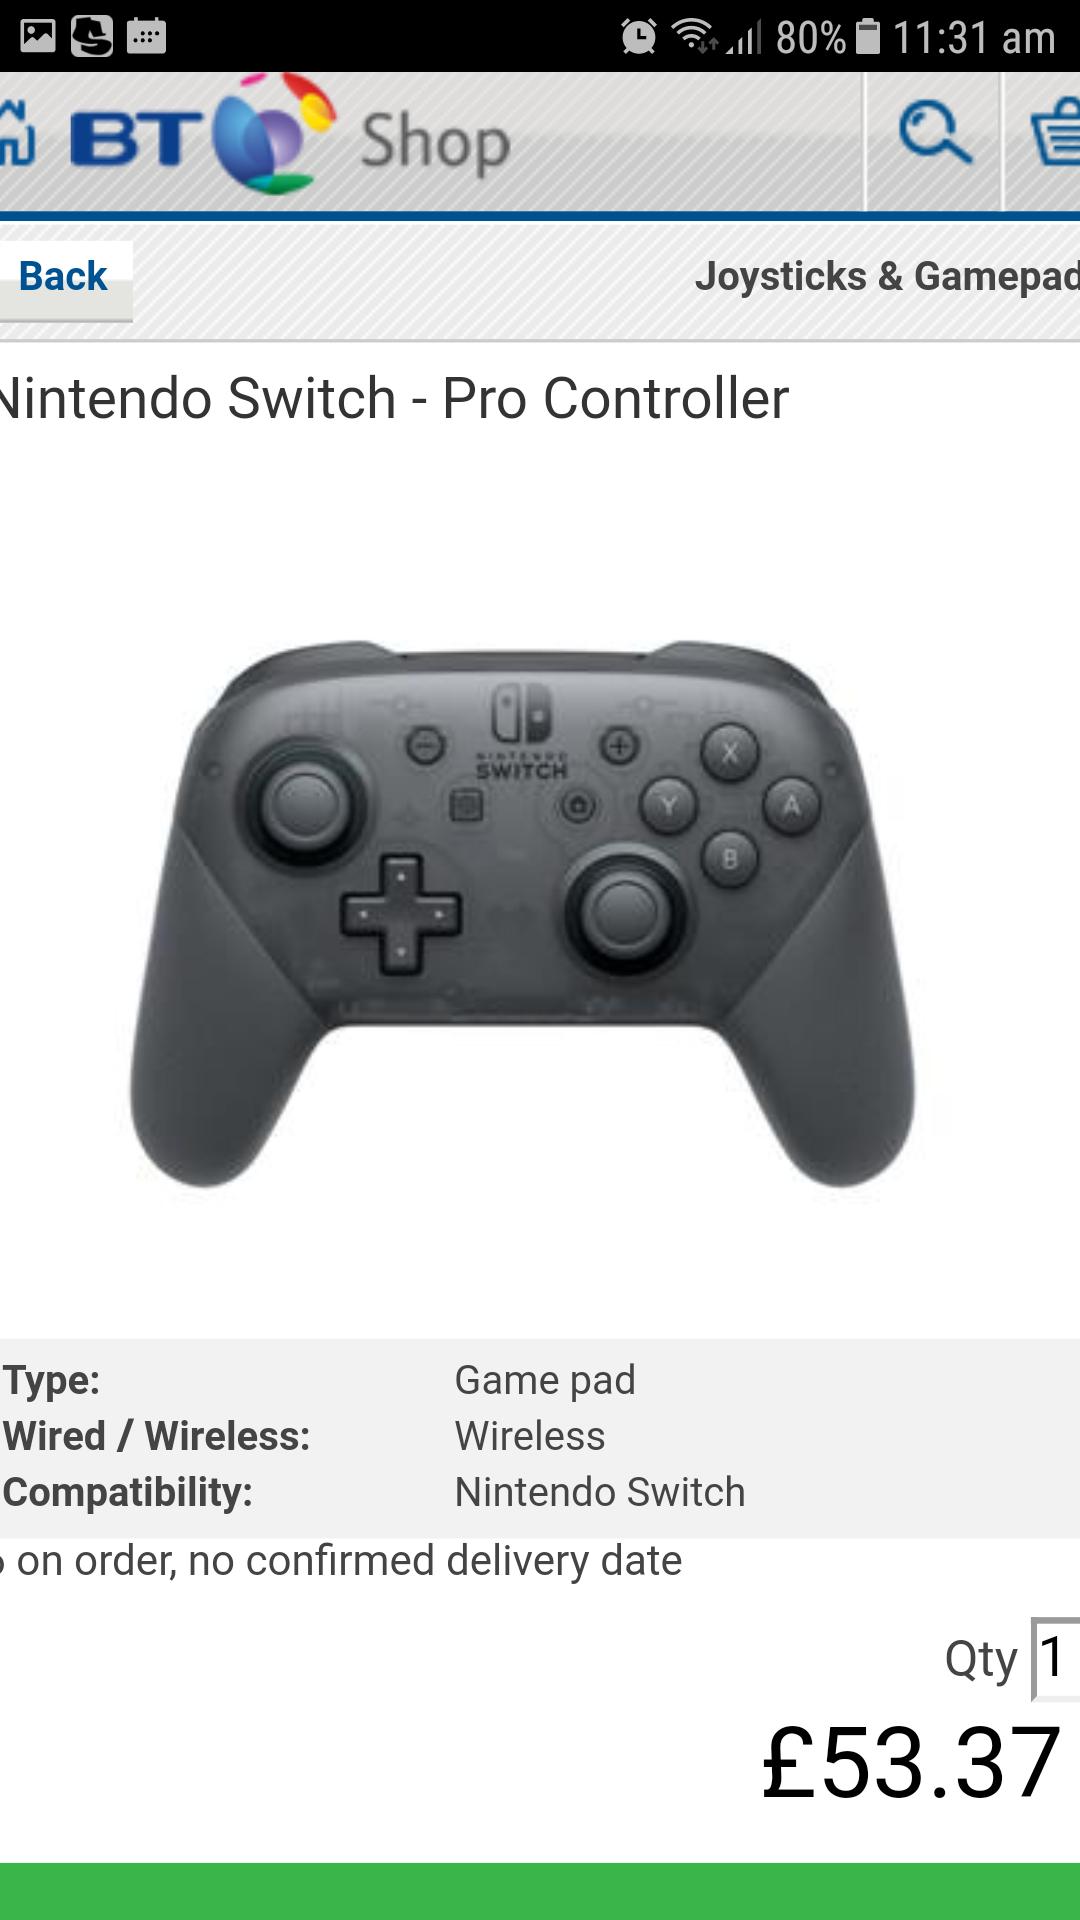 Nintendo Switch Pro Controller ~ Black at BT SHOP (Online) - £53.37 Delivered